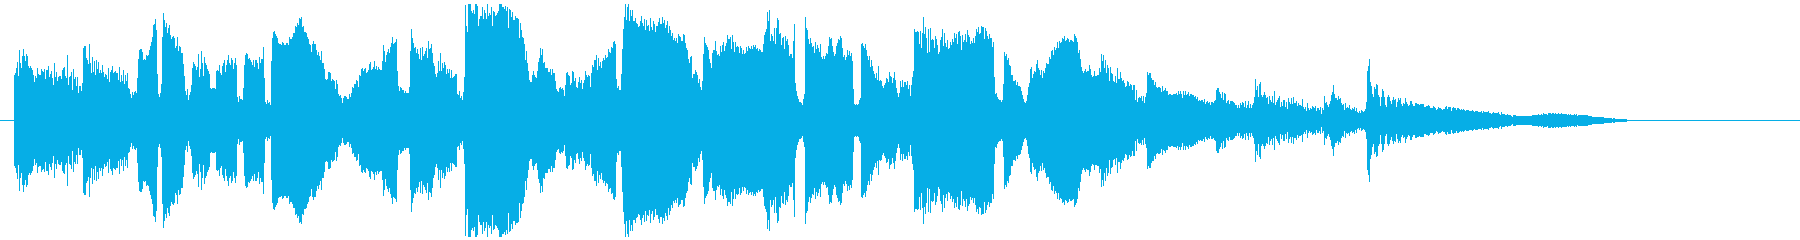 穏やか優しいサックスバラード CM向けの再生済みの波形